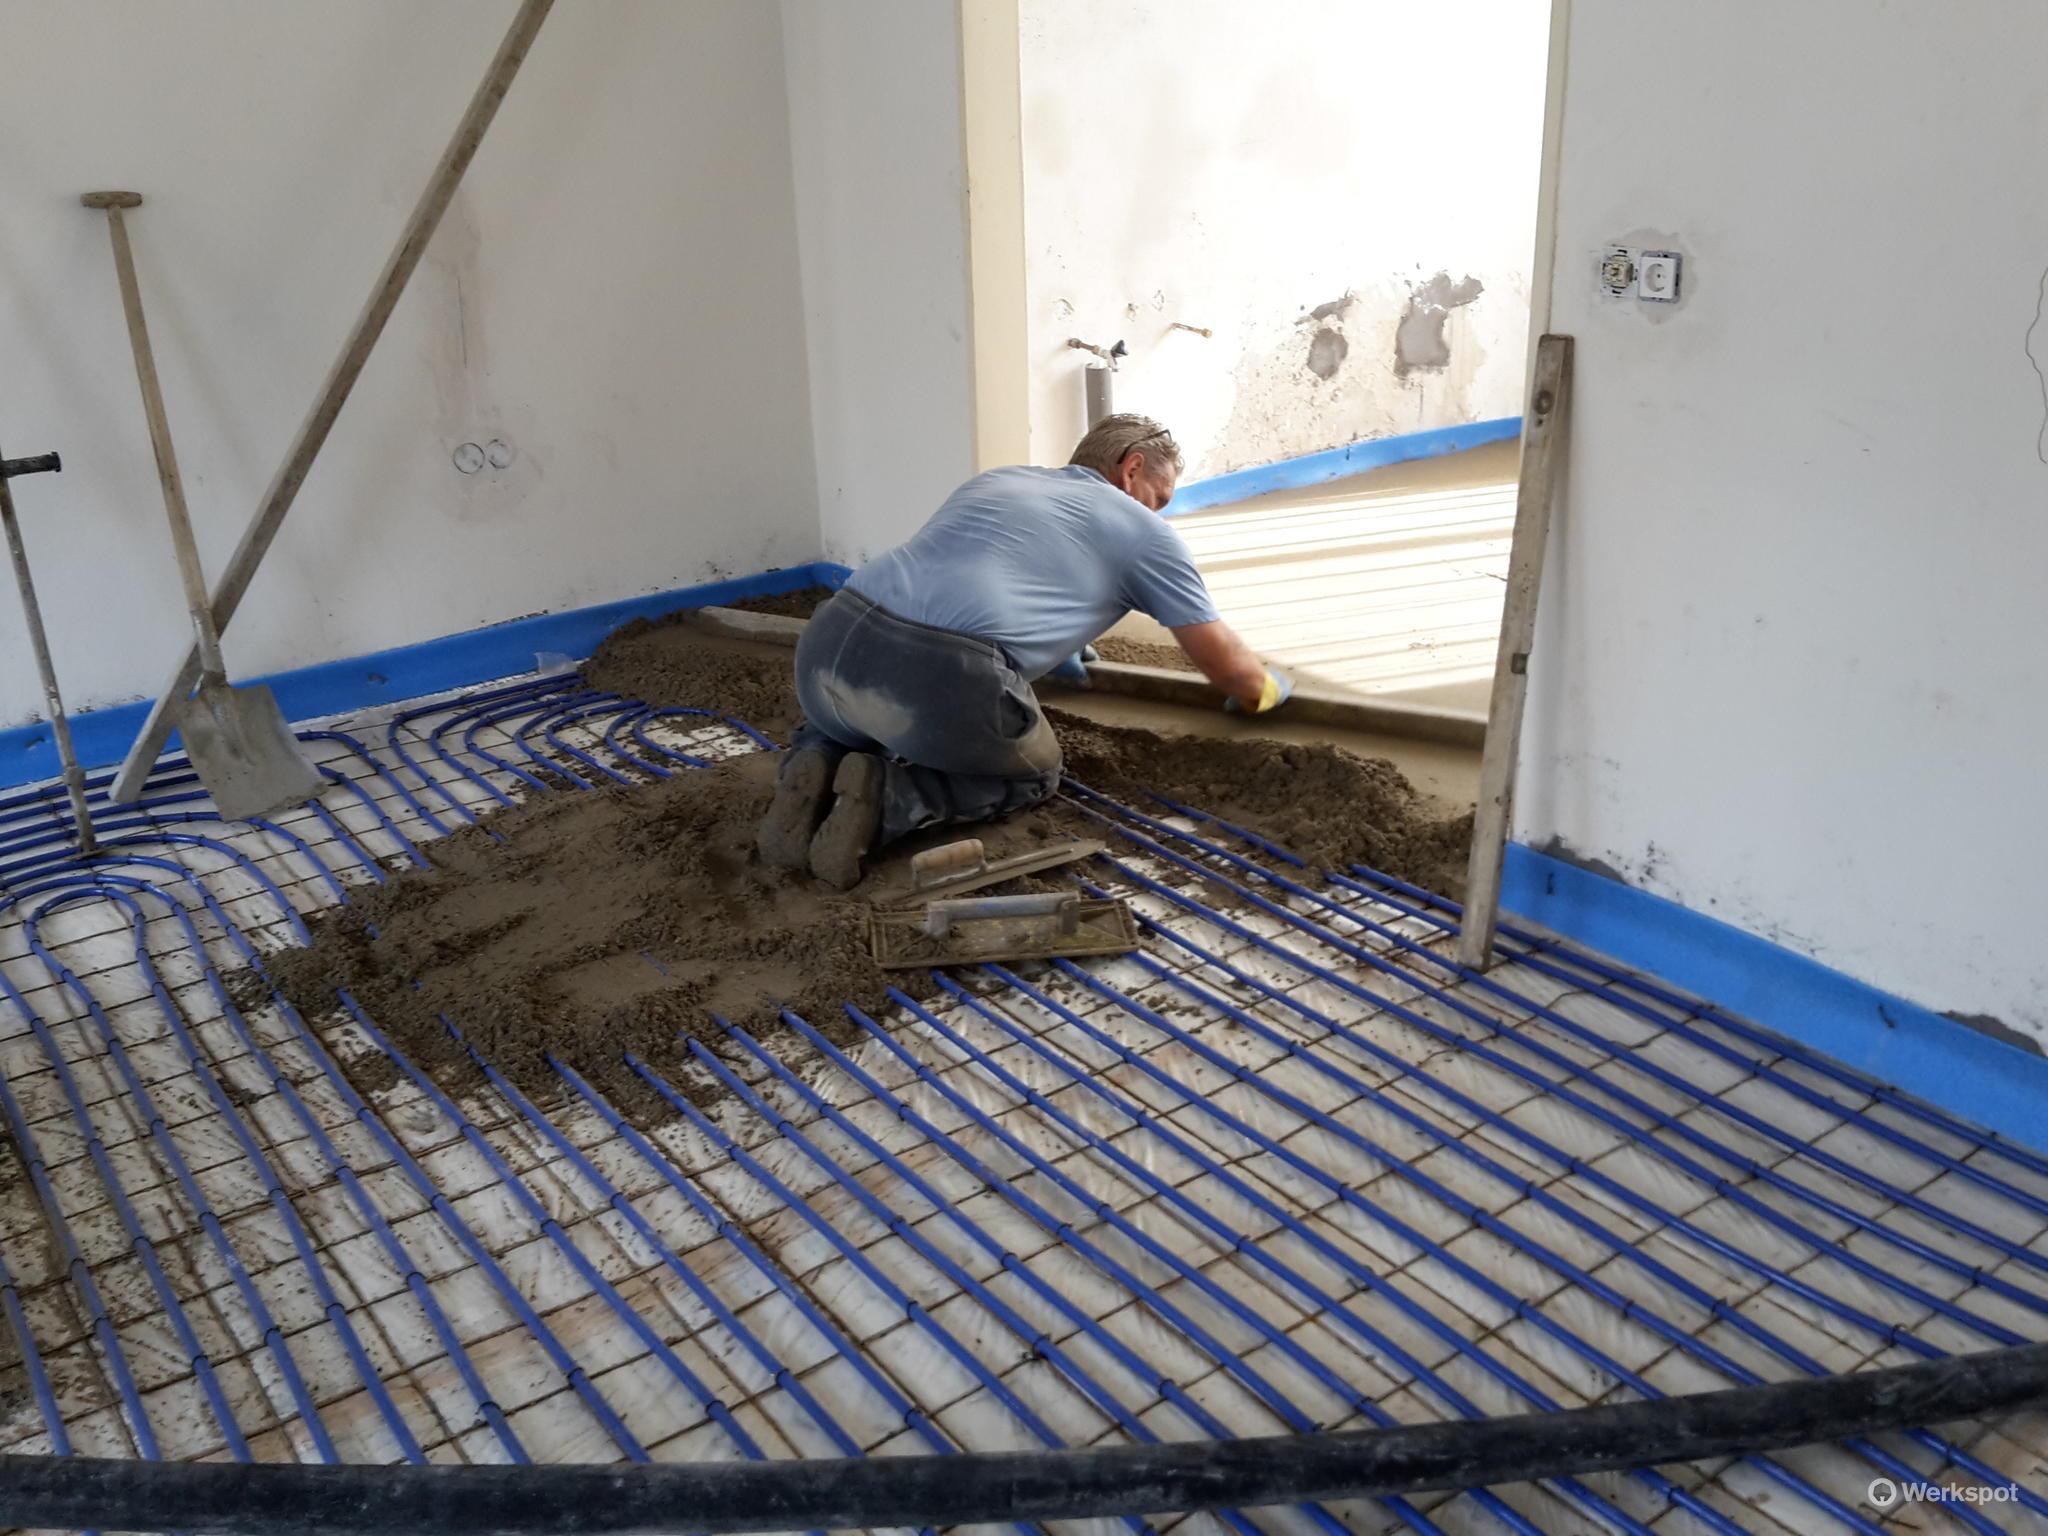 Zand cement vloer storten werkspot